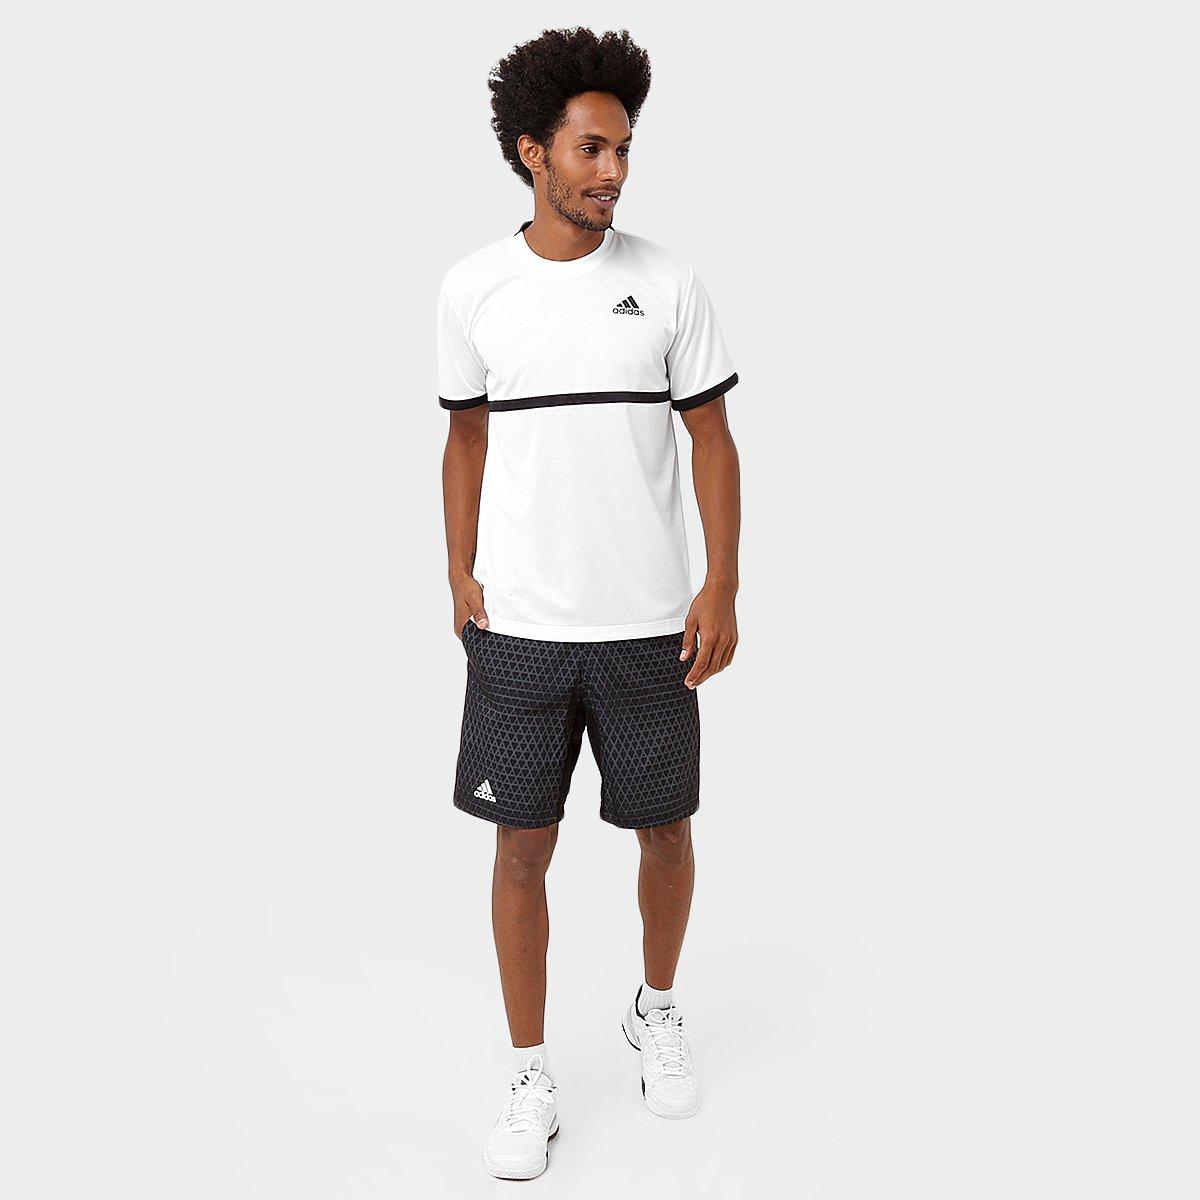 7bb22dc53d2ac Camiseta Adidas Court Masculina - Branco e Preto - Compre Agora ...